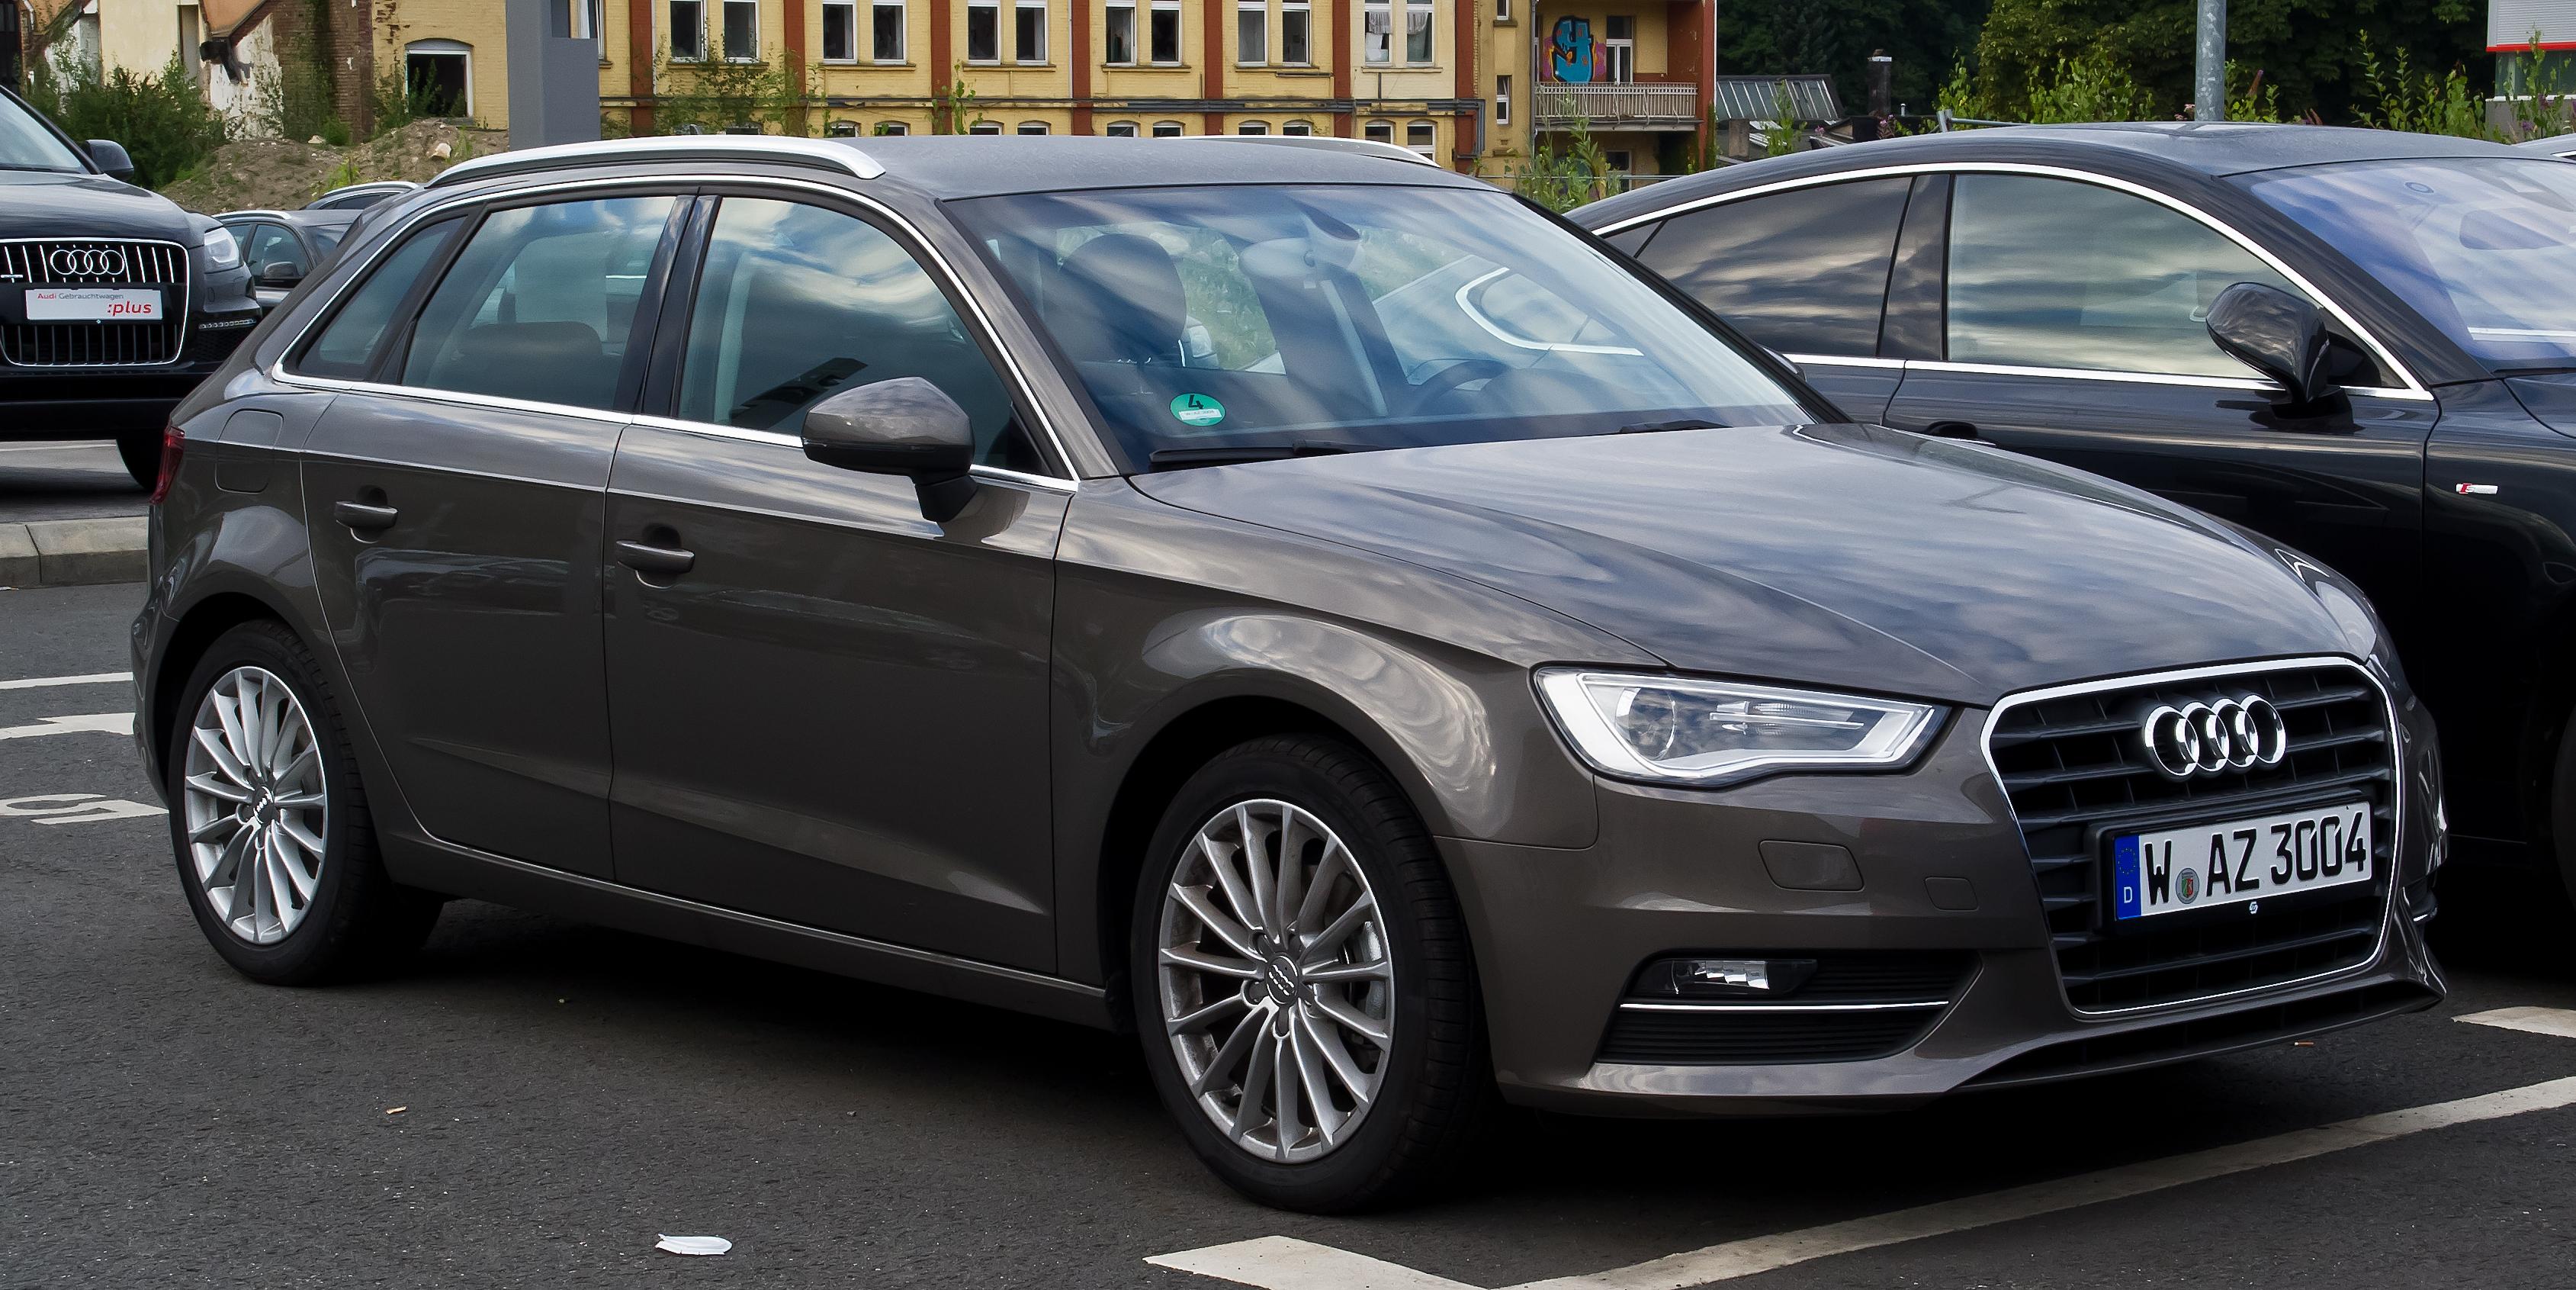 Audi s3 2015 wiki 15